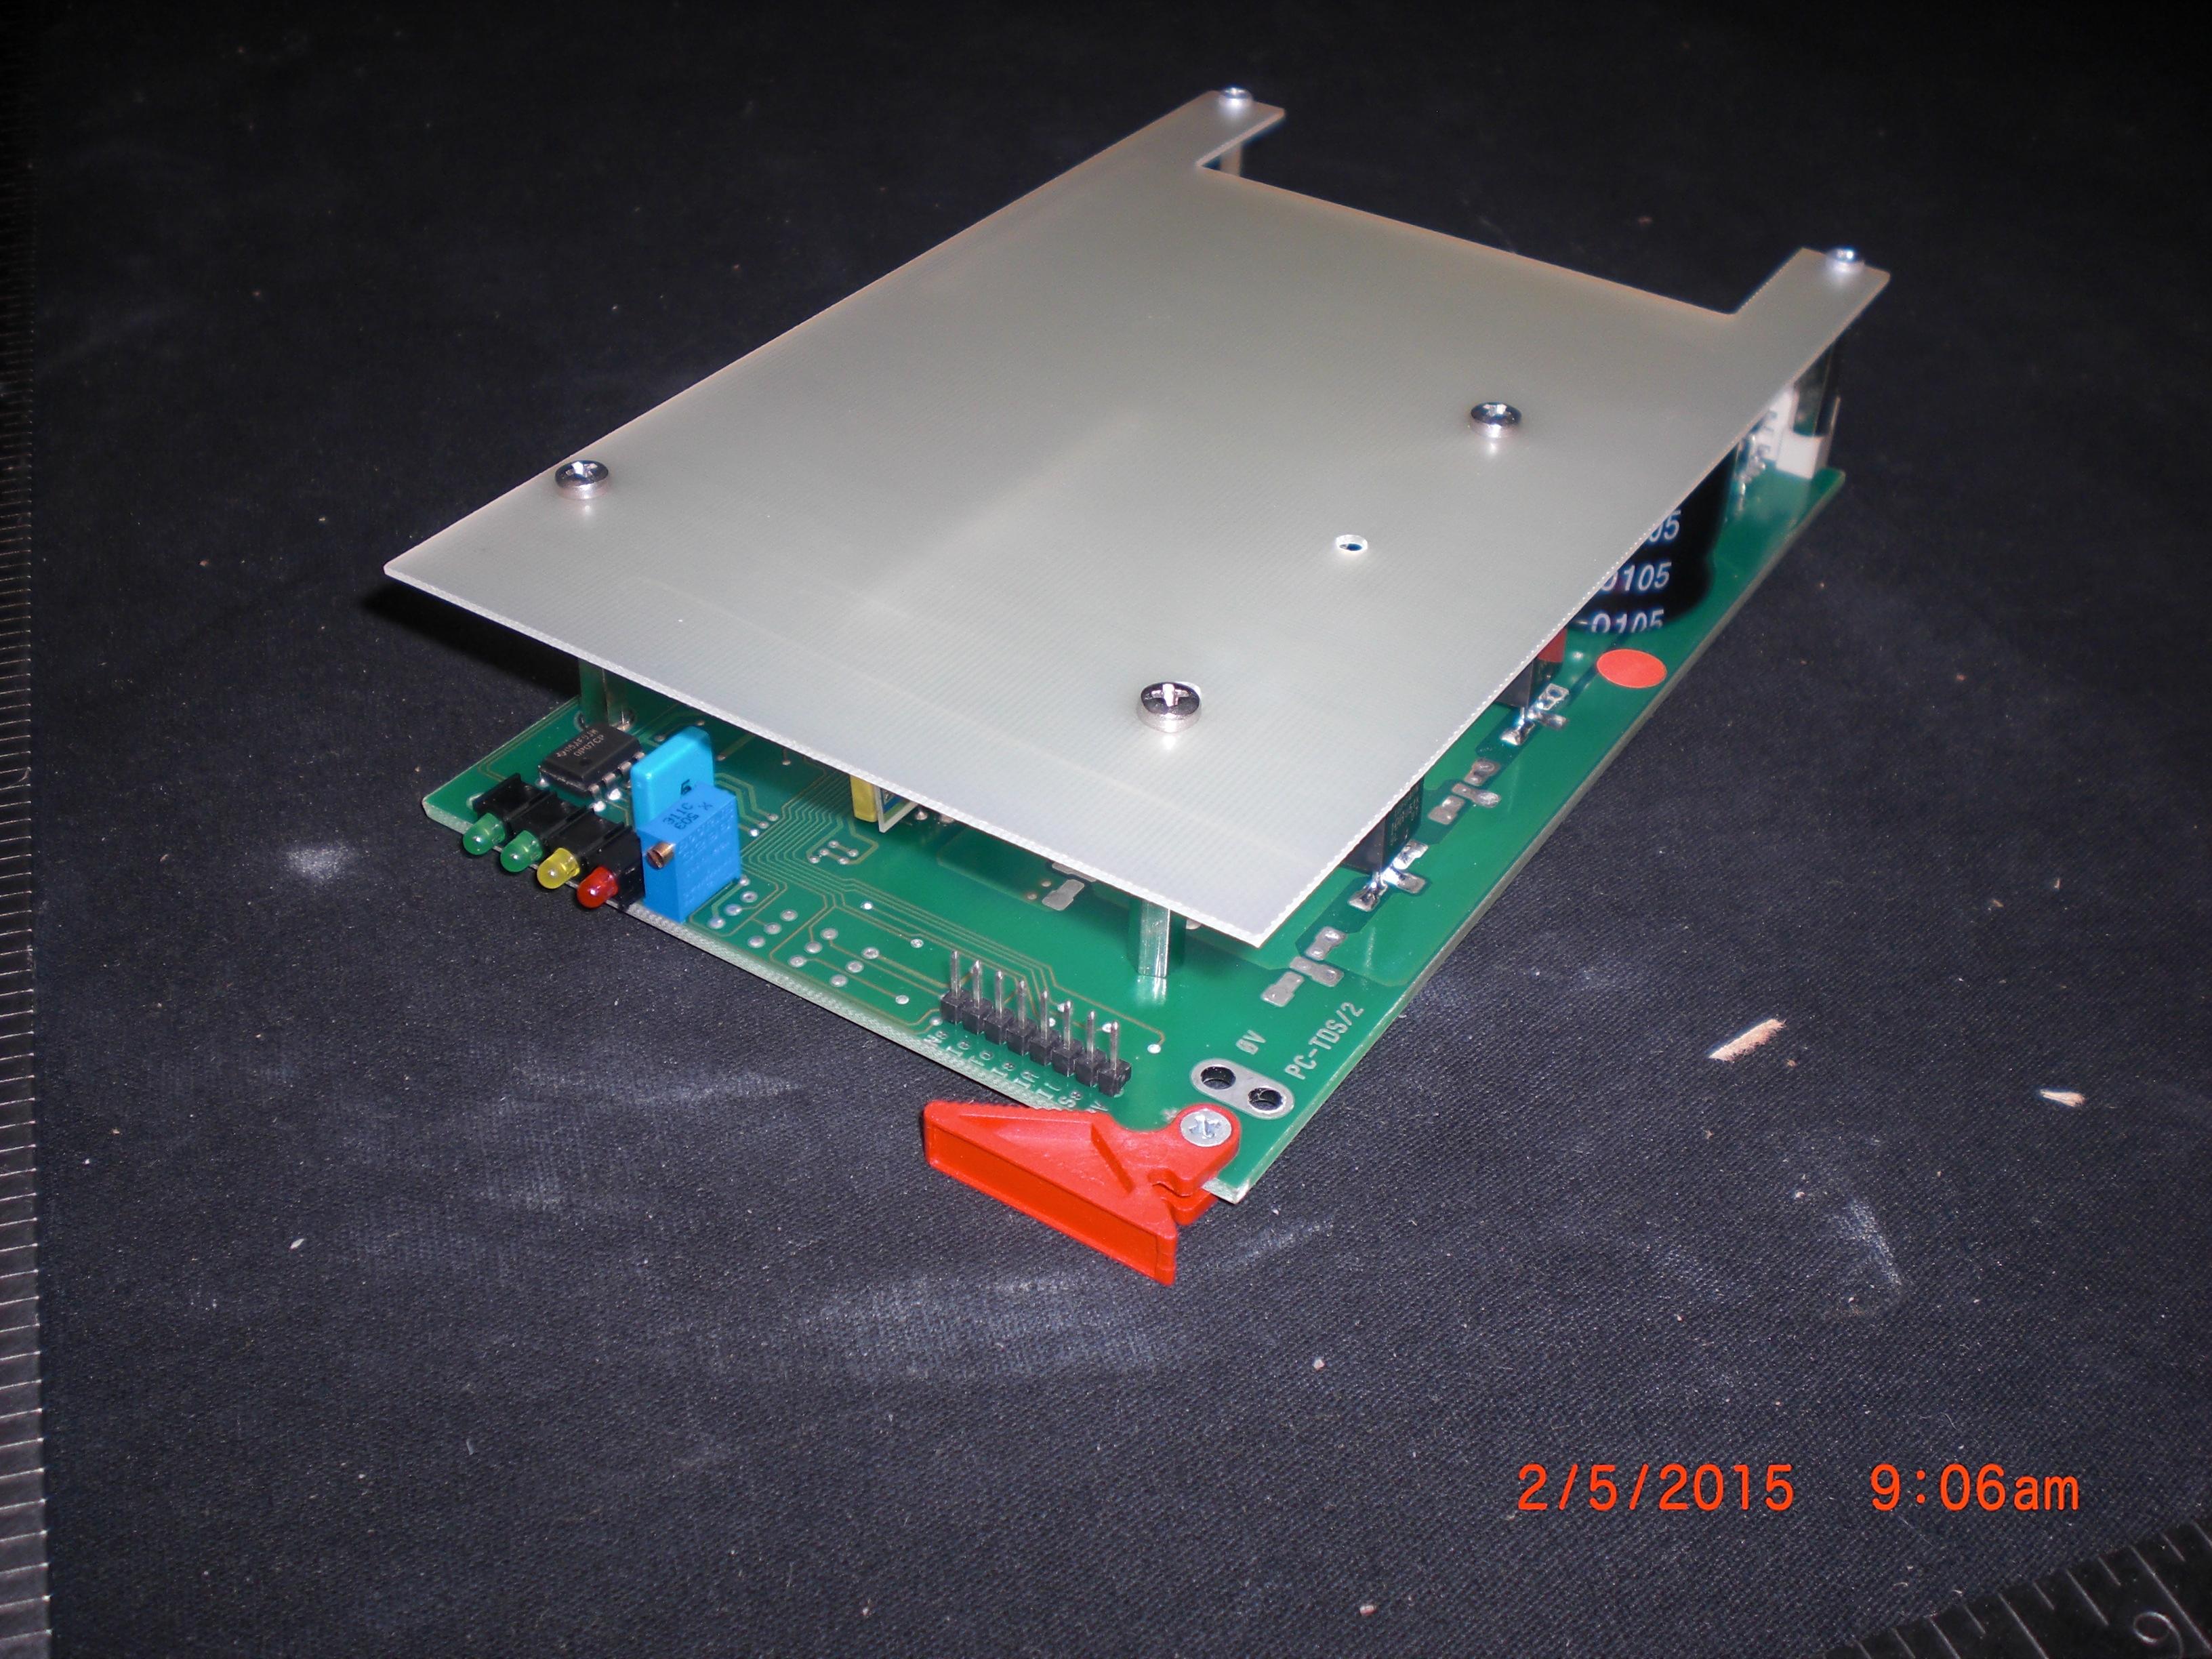 Amplifier SIEMENS PC-TDS-2 SMT SERVO AMPLIFIER PC-BOARD 120V 1-2A